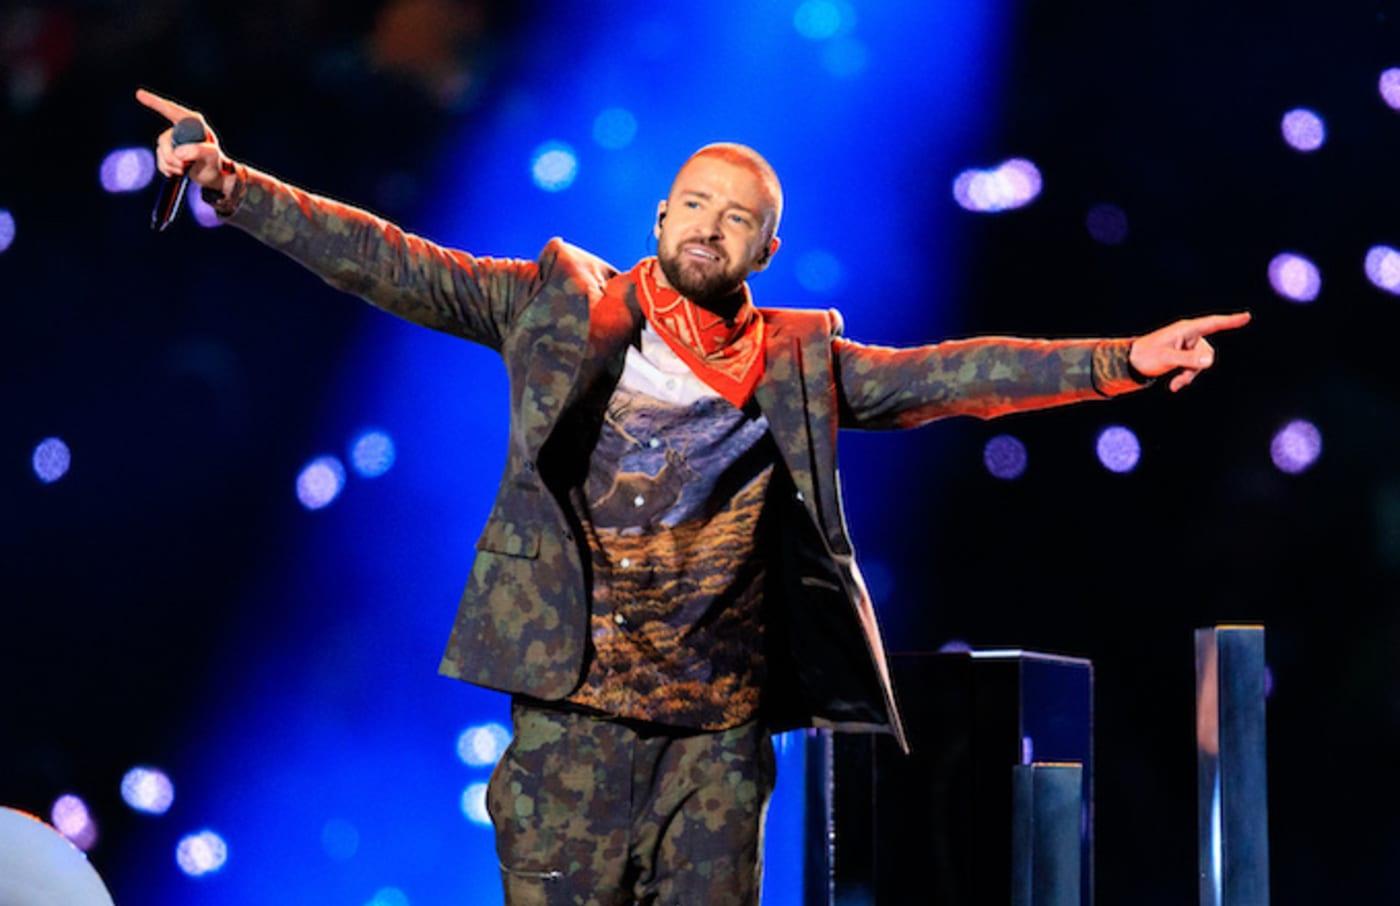 Recording artist Justin Timberlake